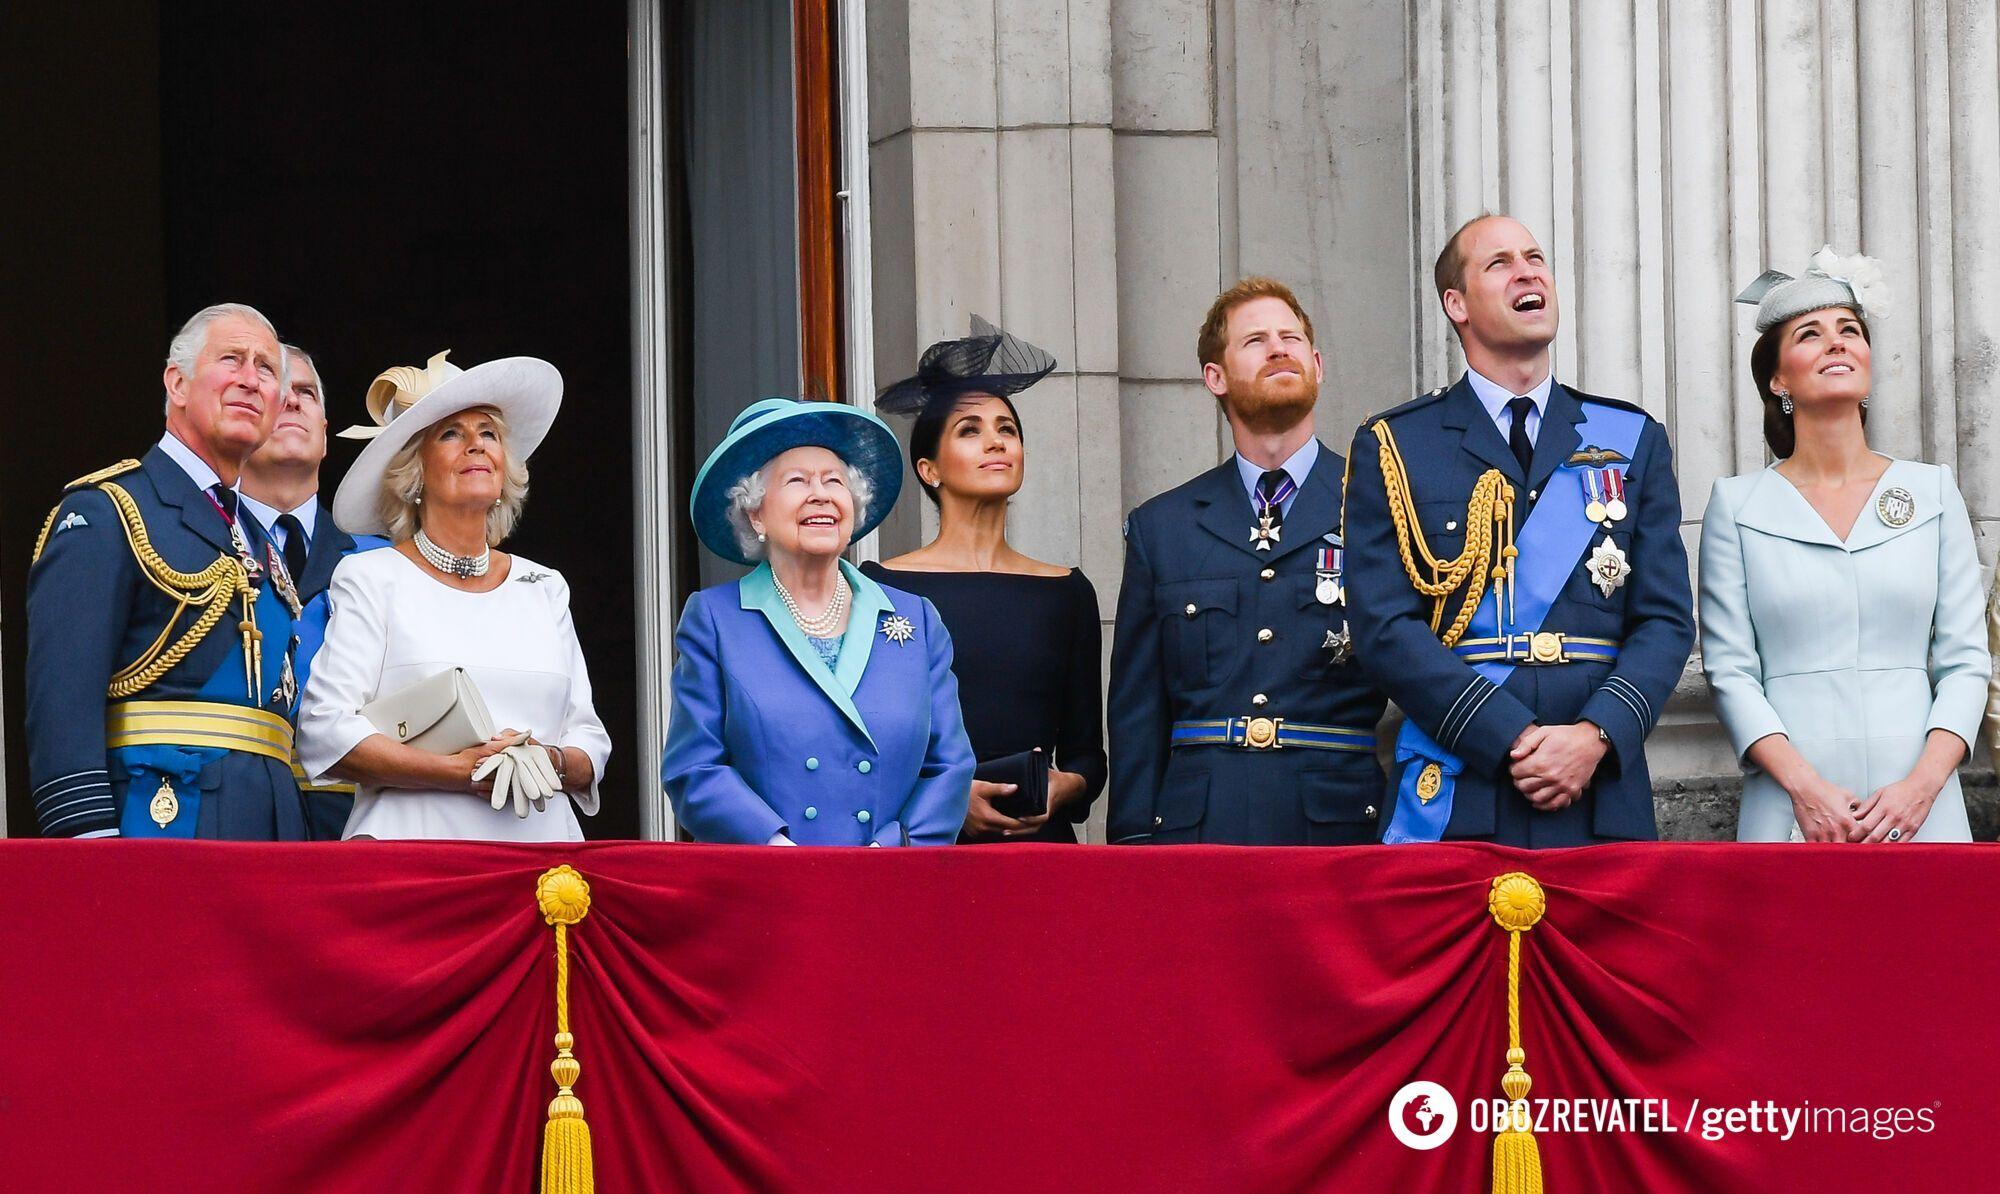 Члены британской королевской семьи